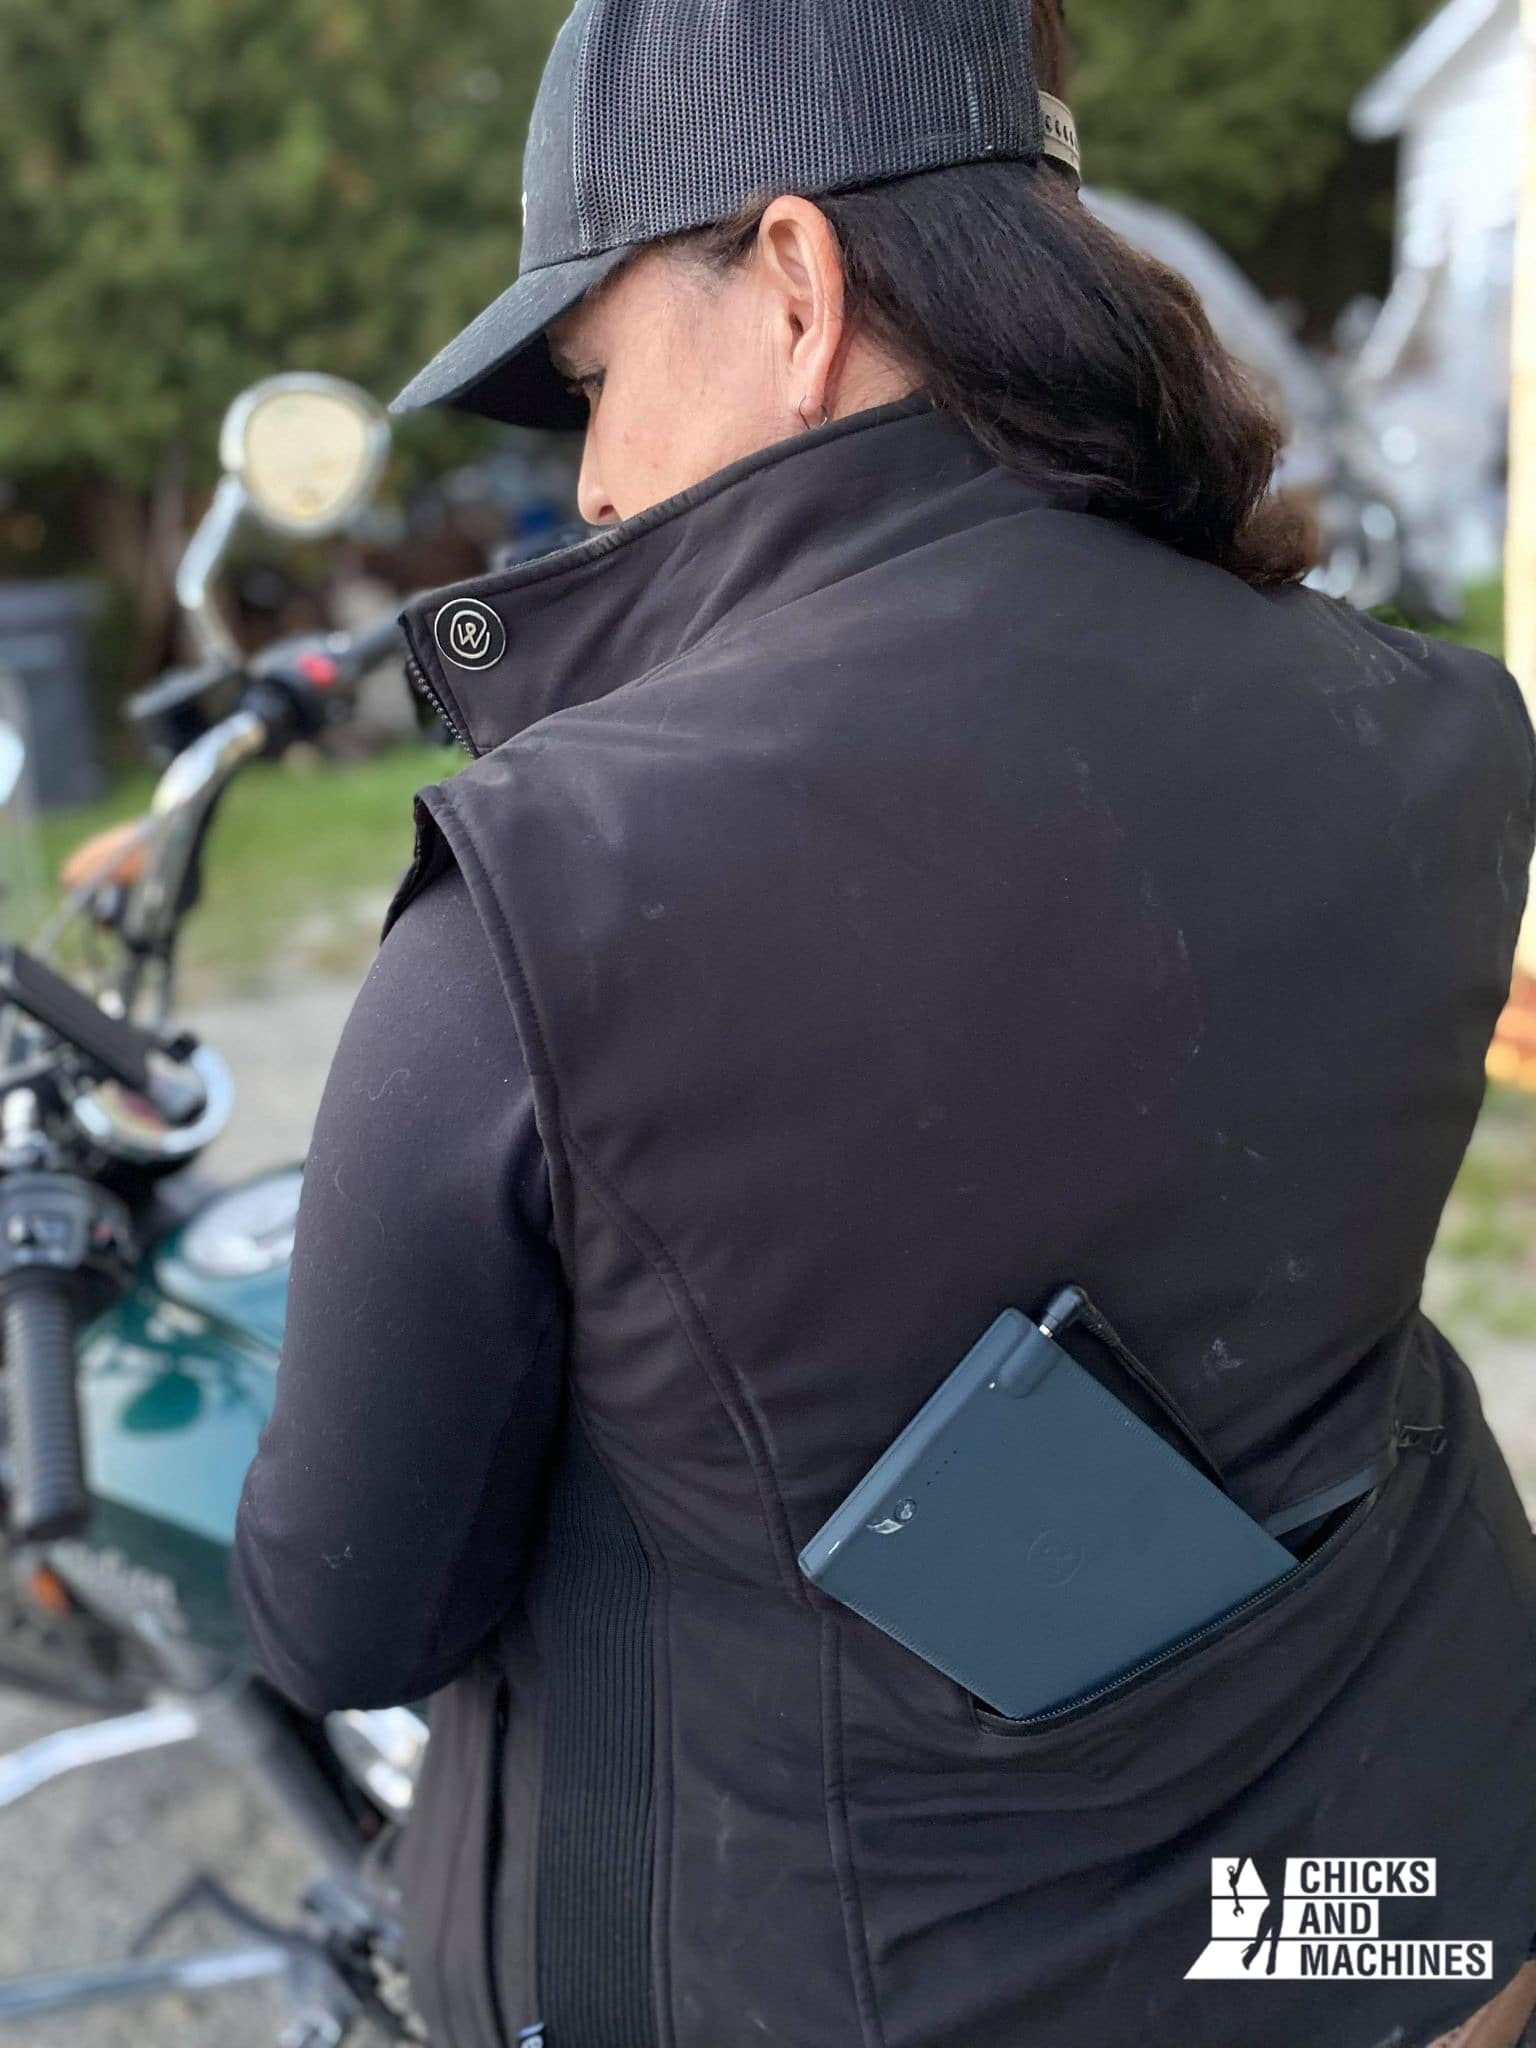 Les batteries dans la poche dorsale offrent jusqu'à 16h de chaleur !